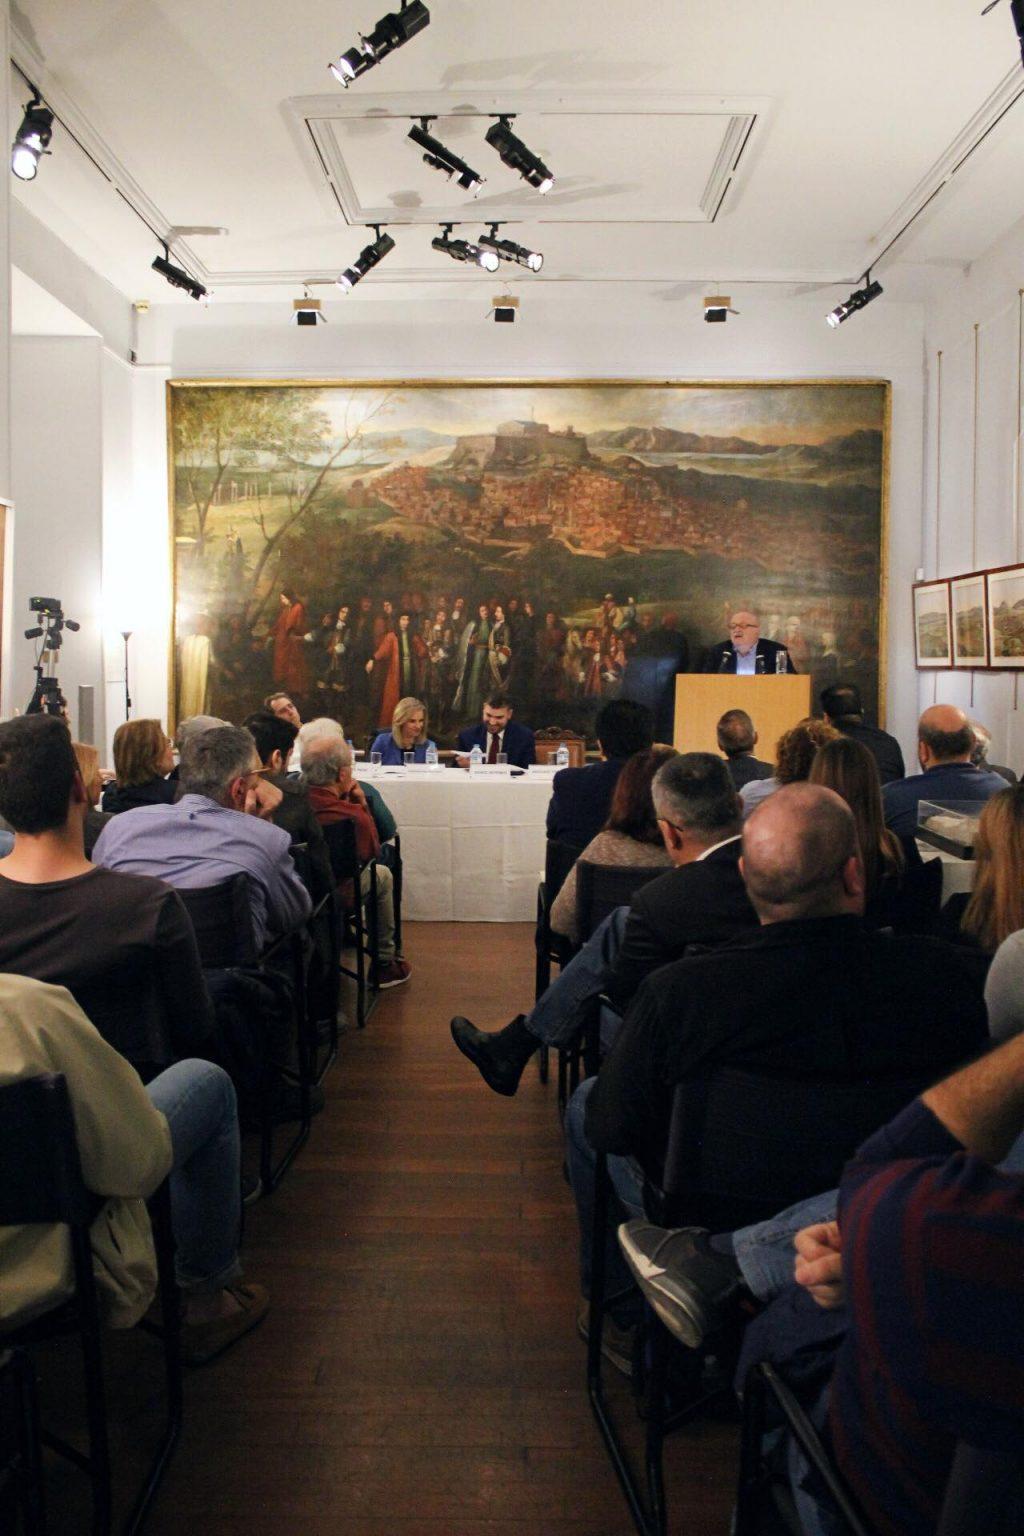 «Η απόβαση στη Σμύρνη και η έναρξη της Μικρασιατικής Εκστρατείας, 1919-2019: Μια αποτίμηση 100 χρόνια μετά»